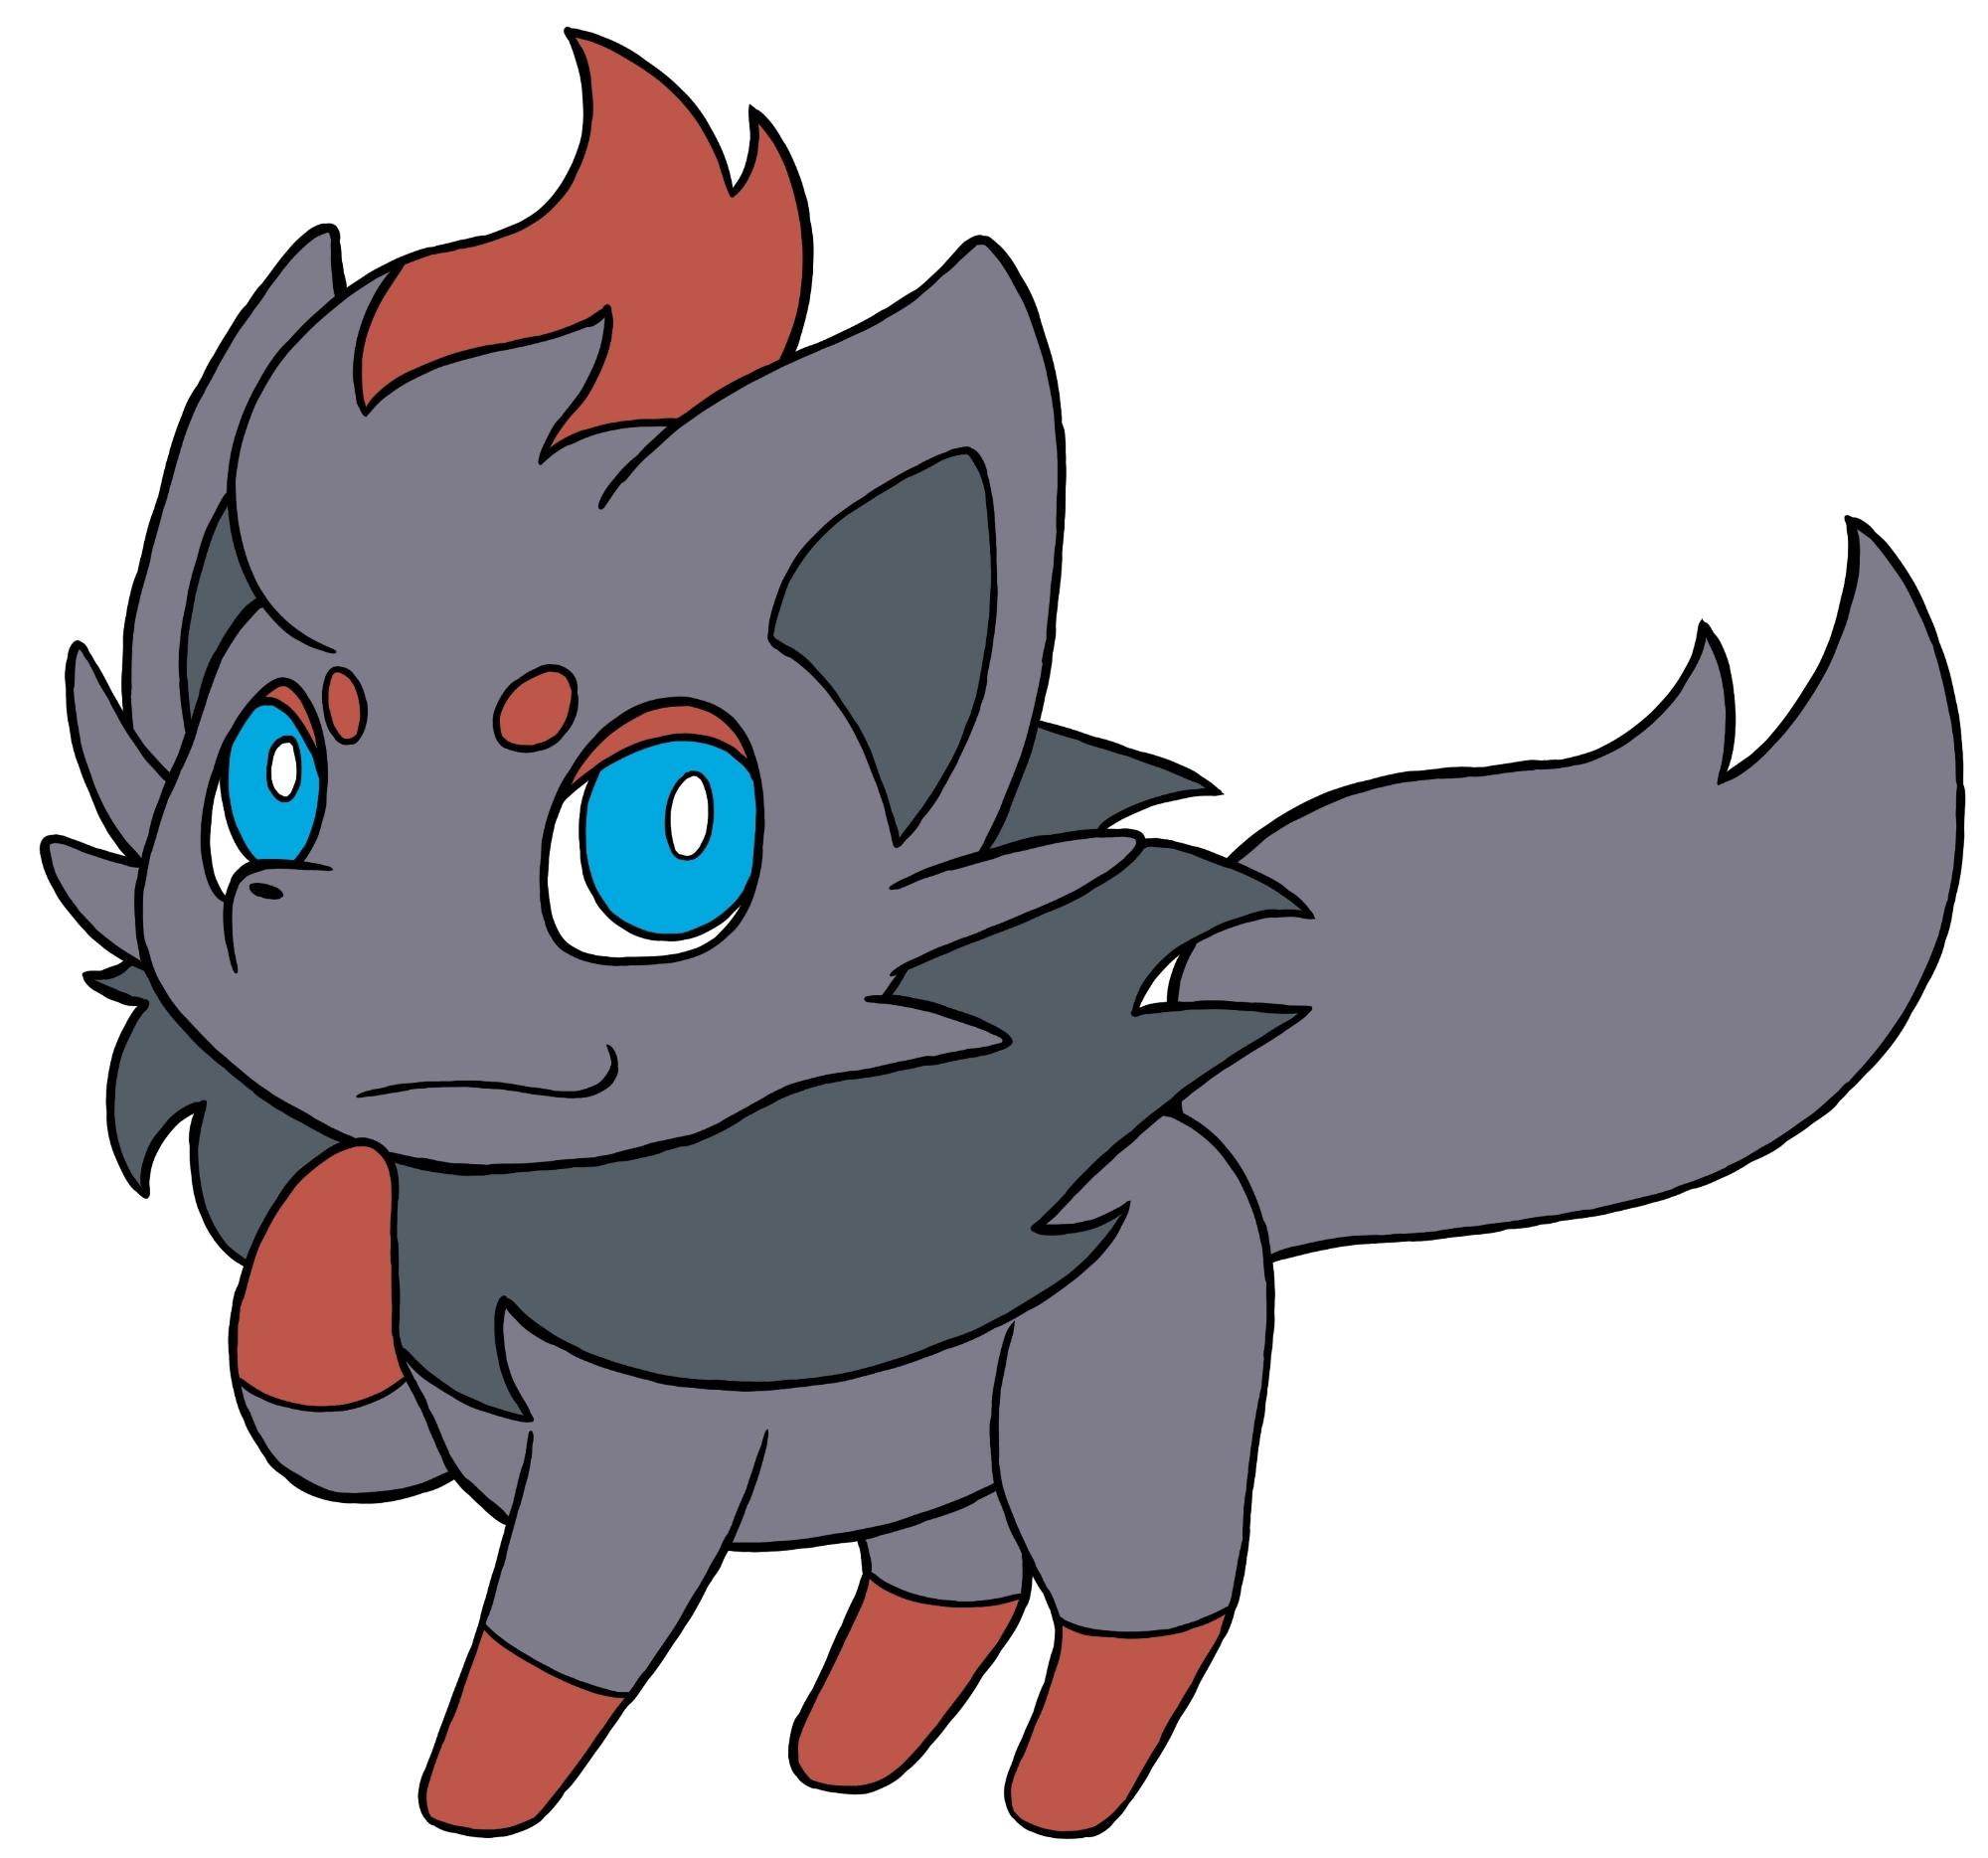 Pokémon-Zeichnung: Zorua-Zeichnung